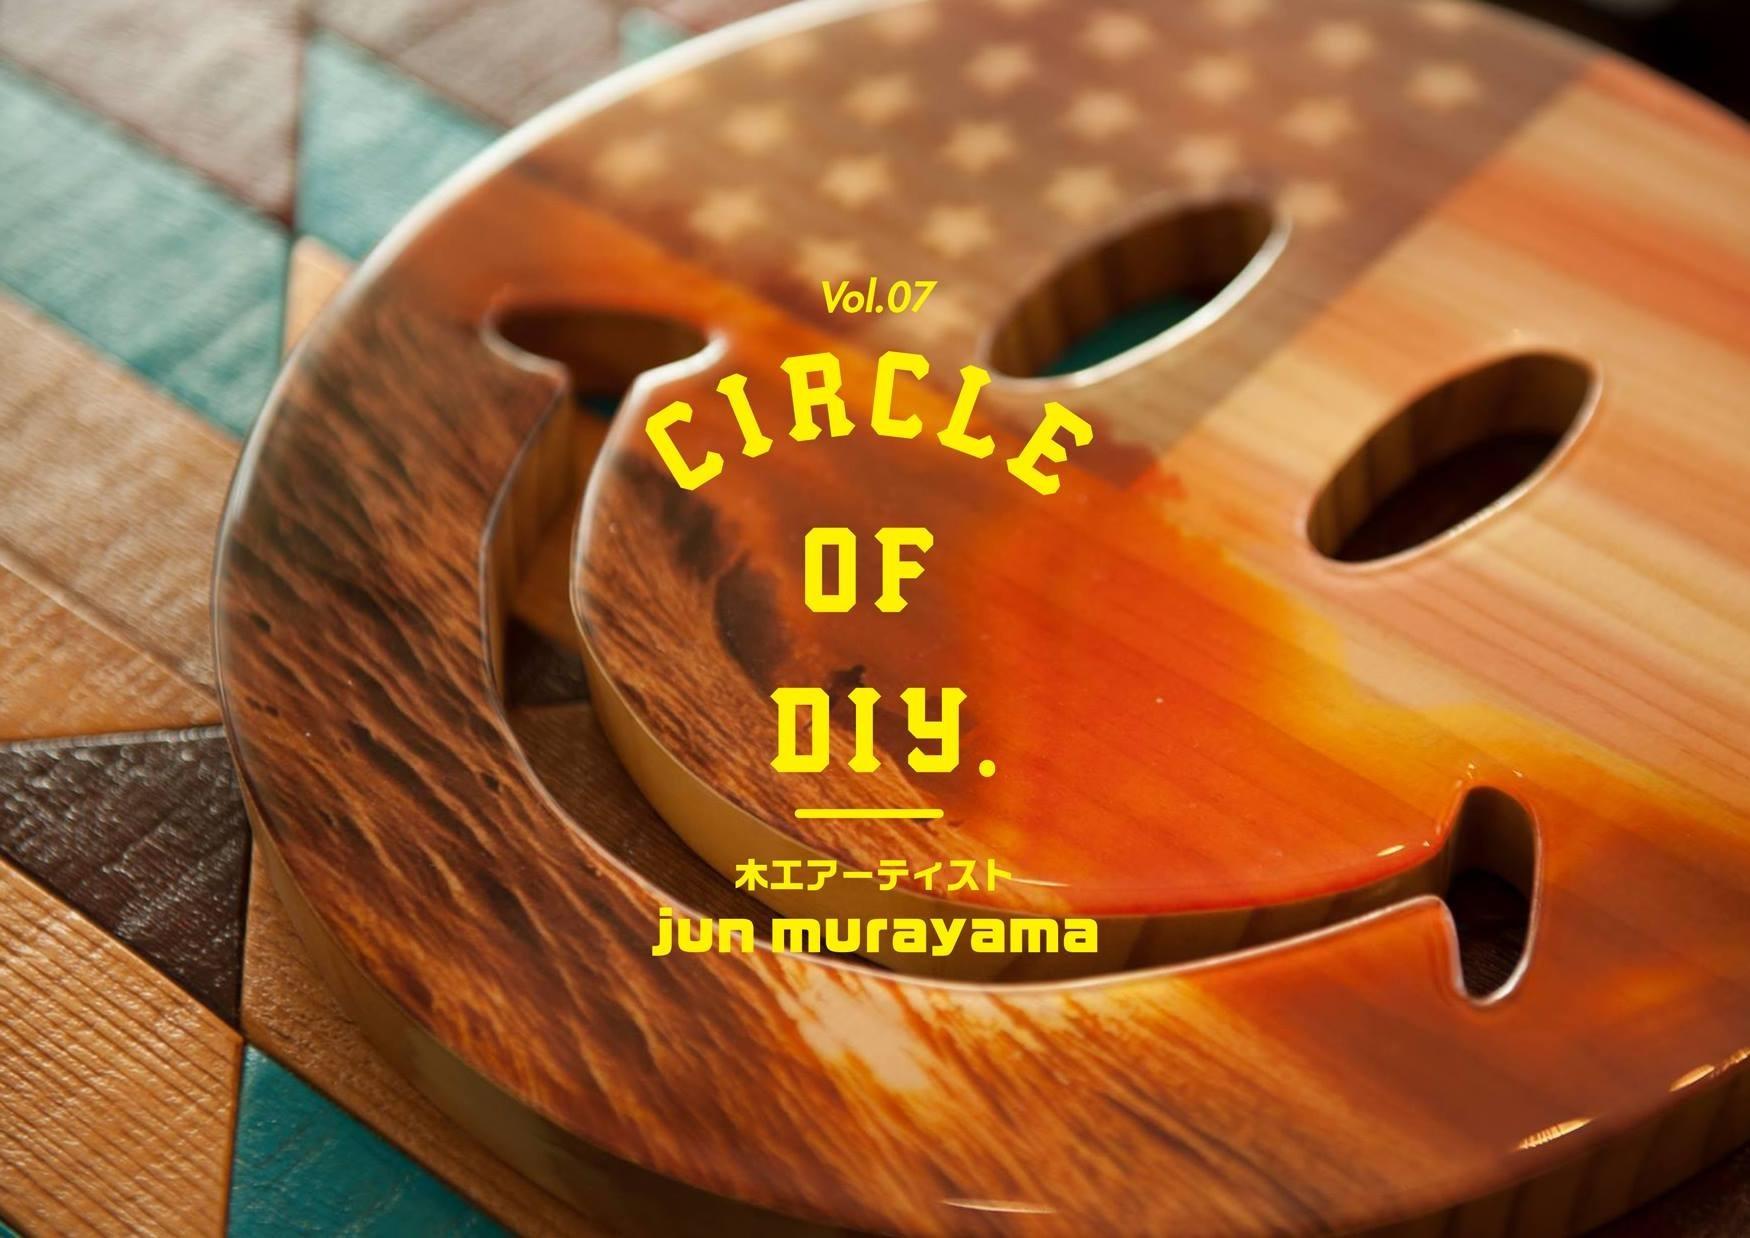 波音が聞こえるプロダクト〜JM:jun murayama〜/CIRCLE of DIY Vol.07